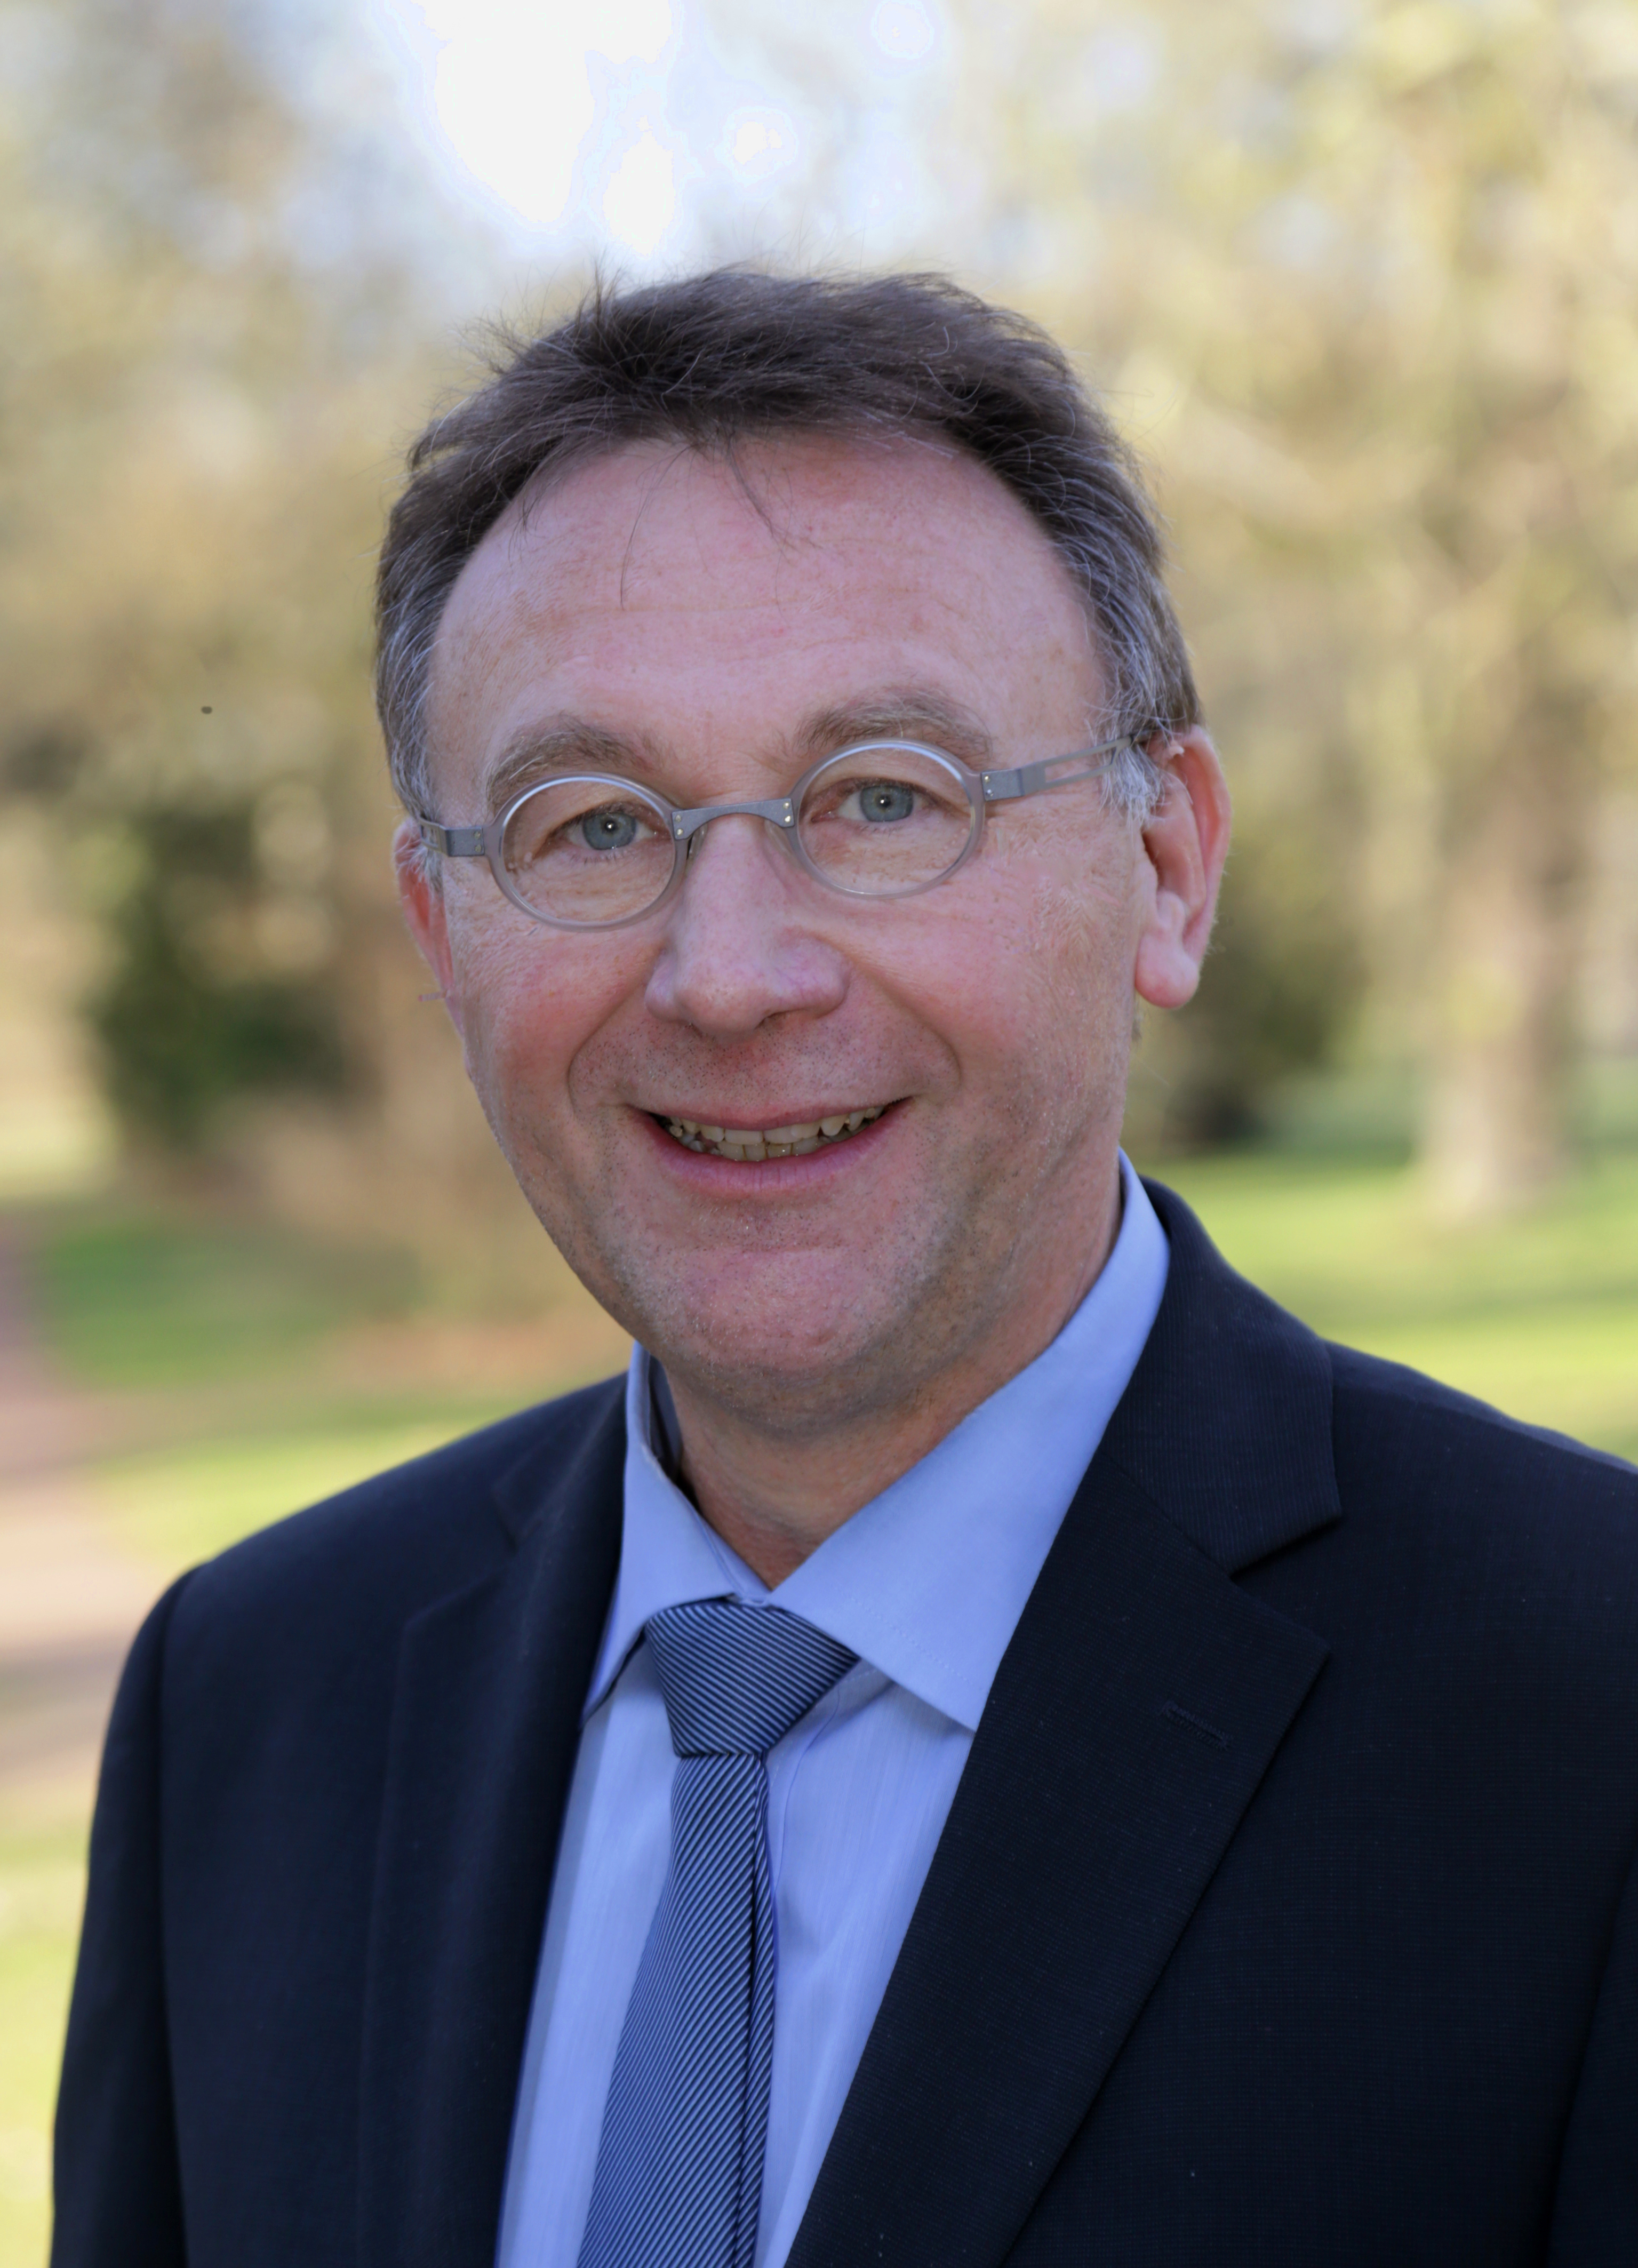 Christian Müller, ZVA-Vizepräsident